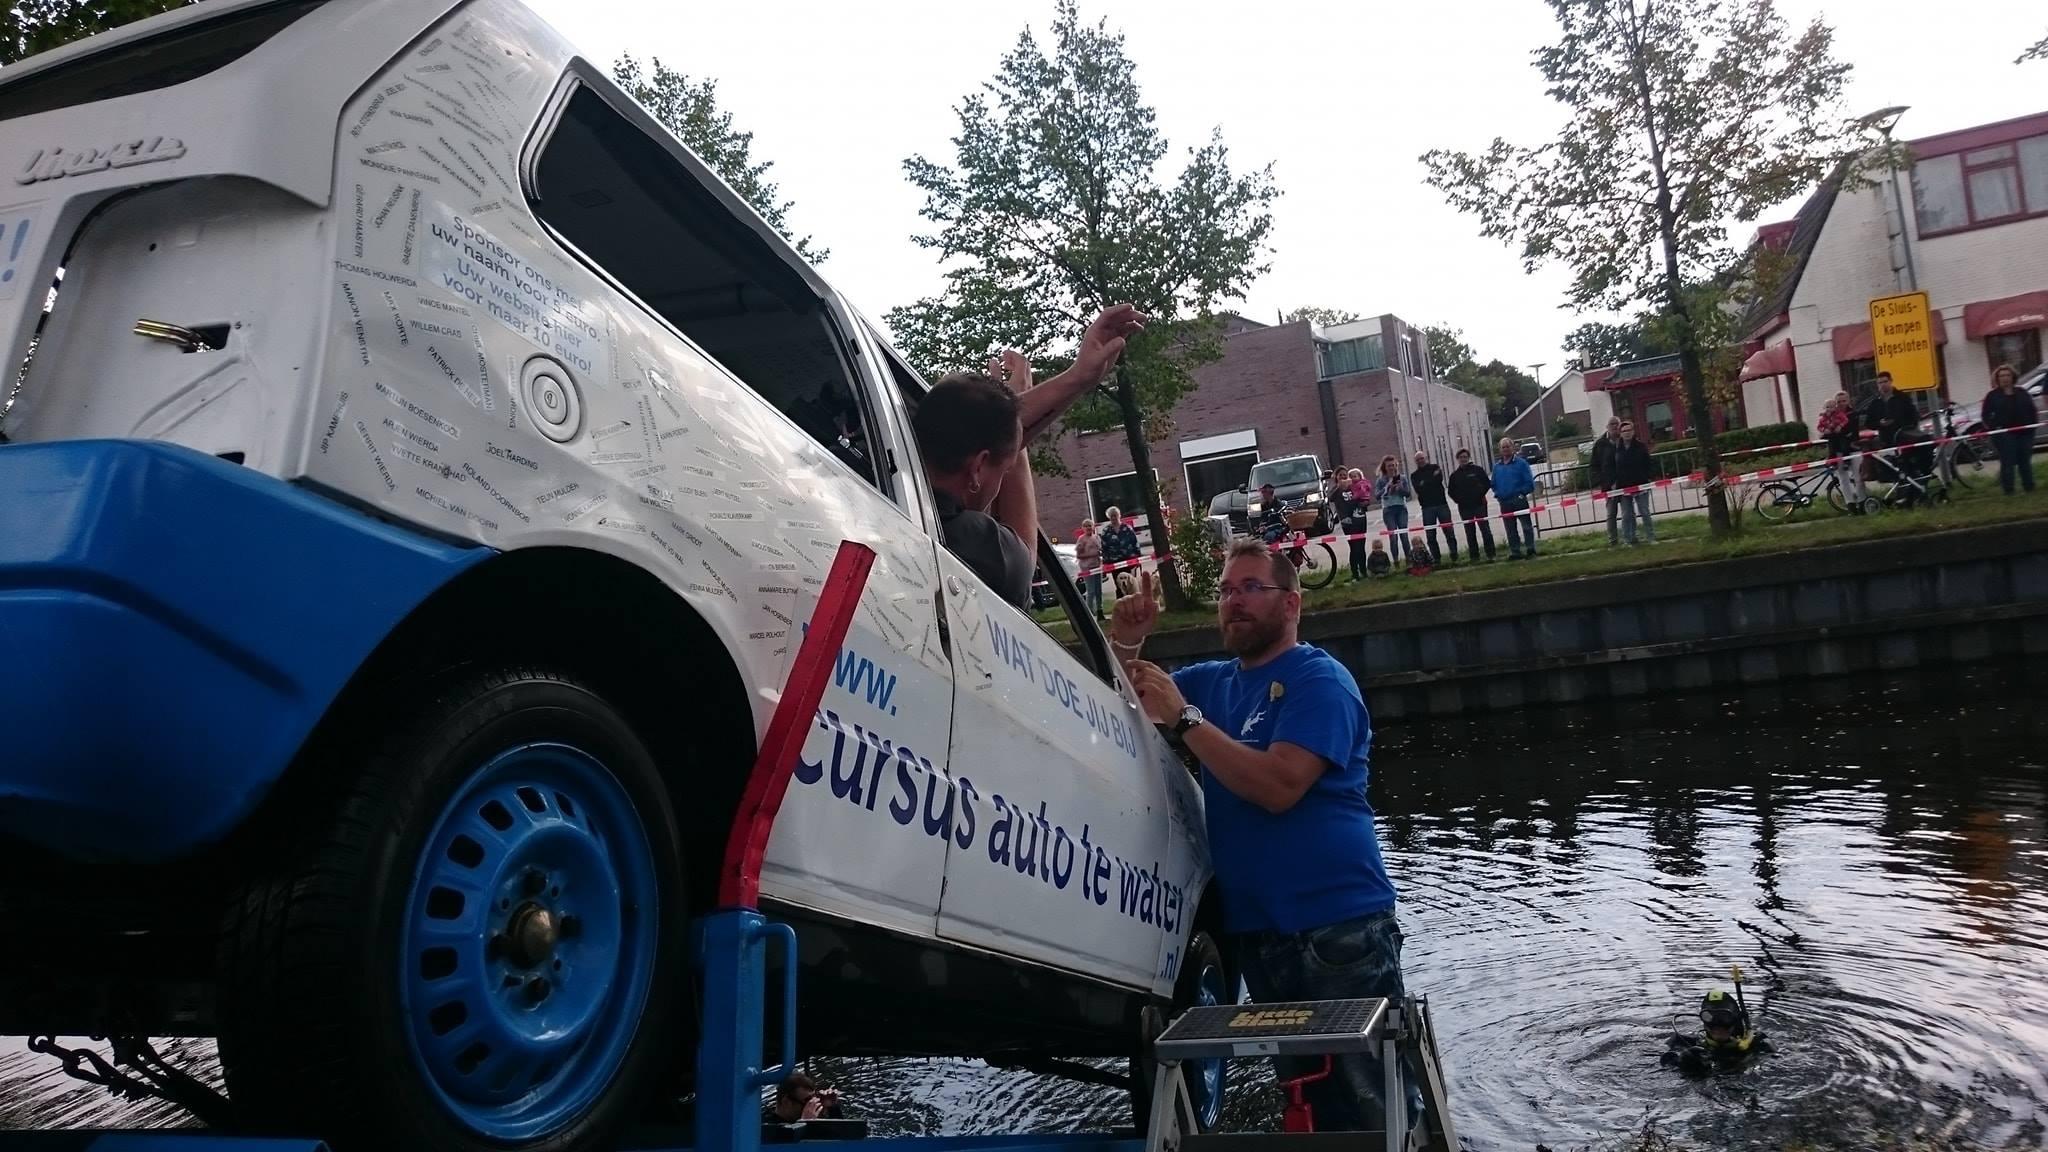 Cursus Auto te water